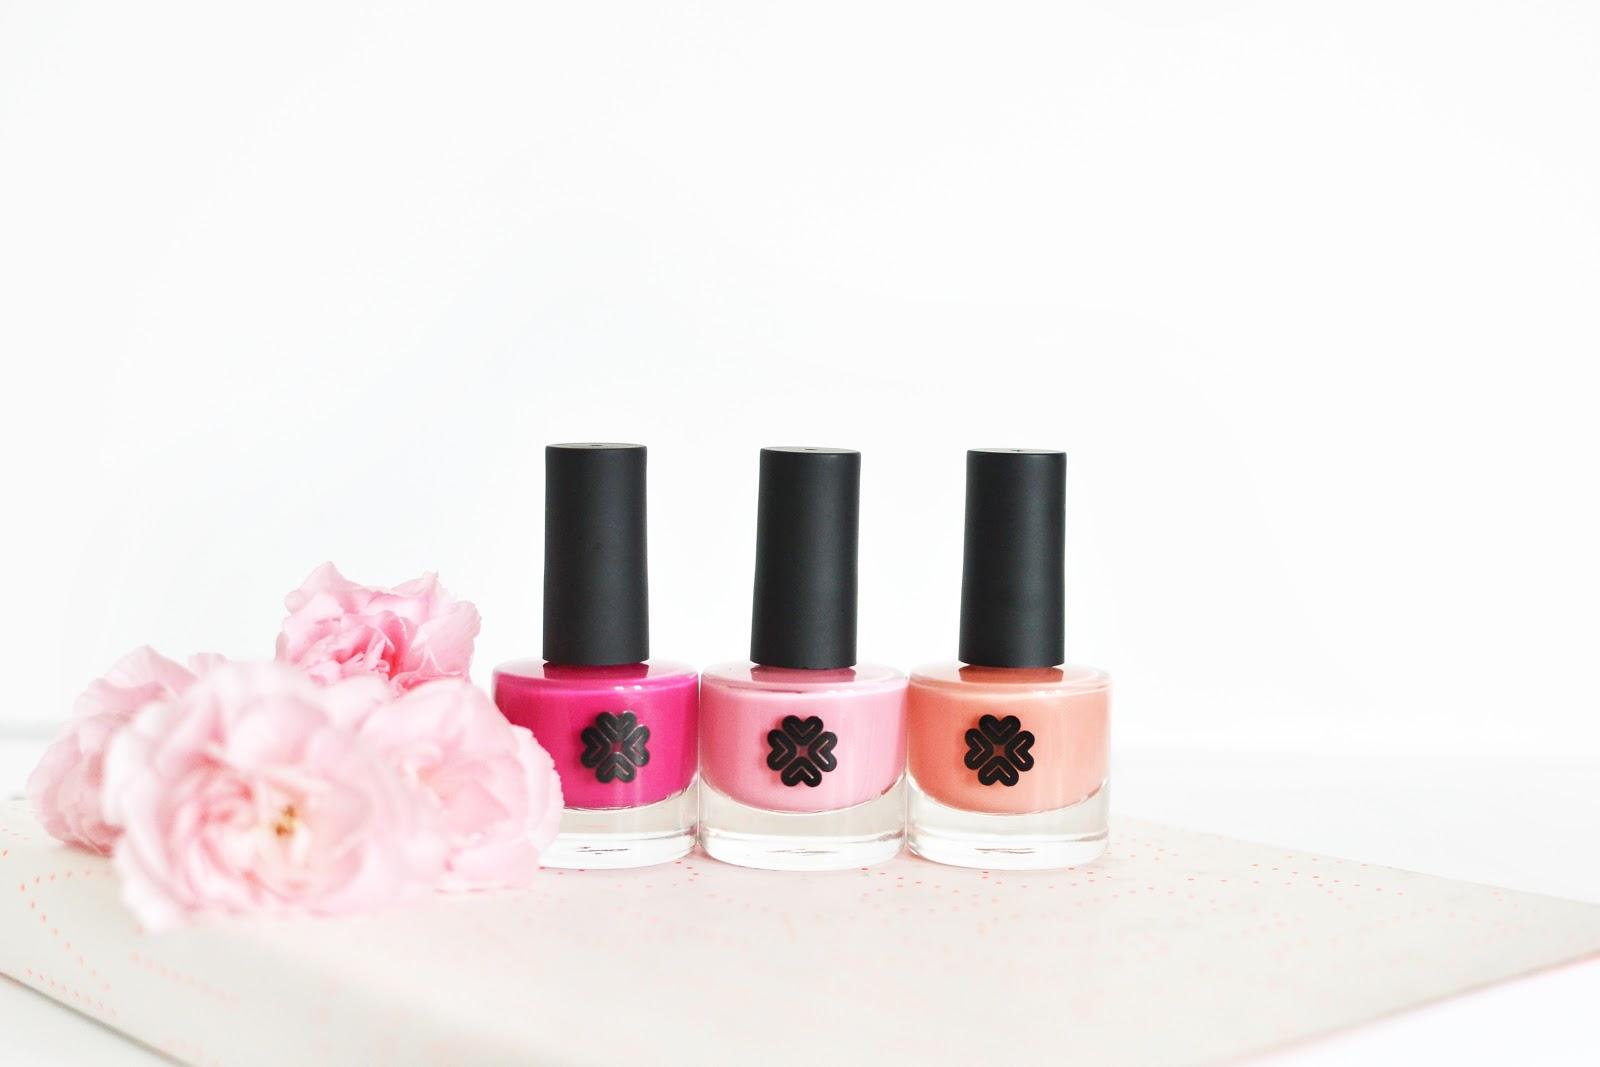 lily lolo 8-free formula nail polish, pink nail polishes